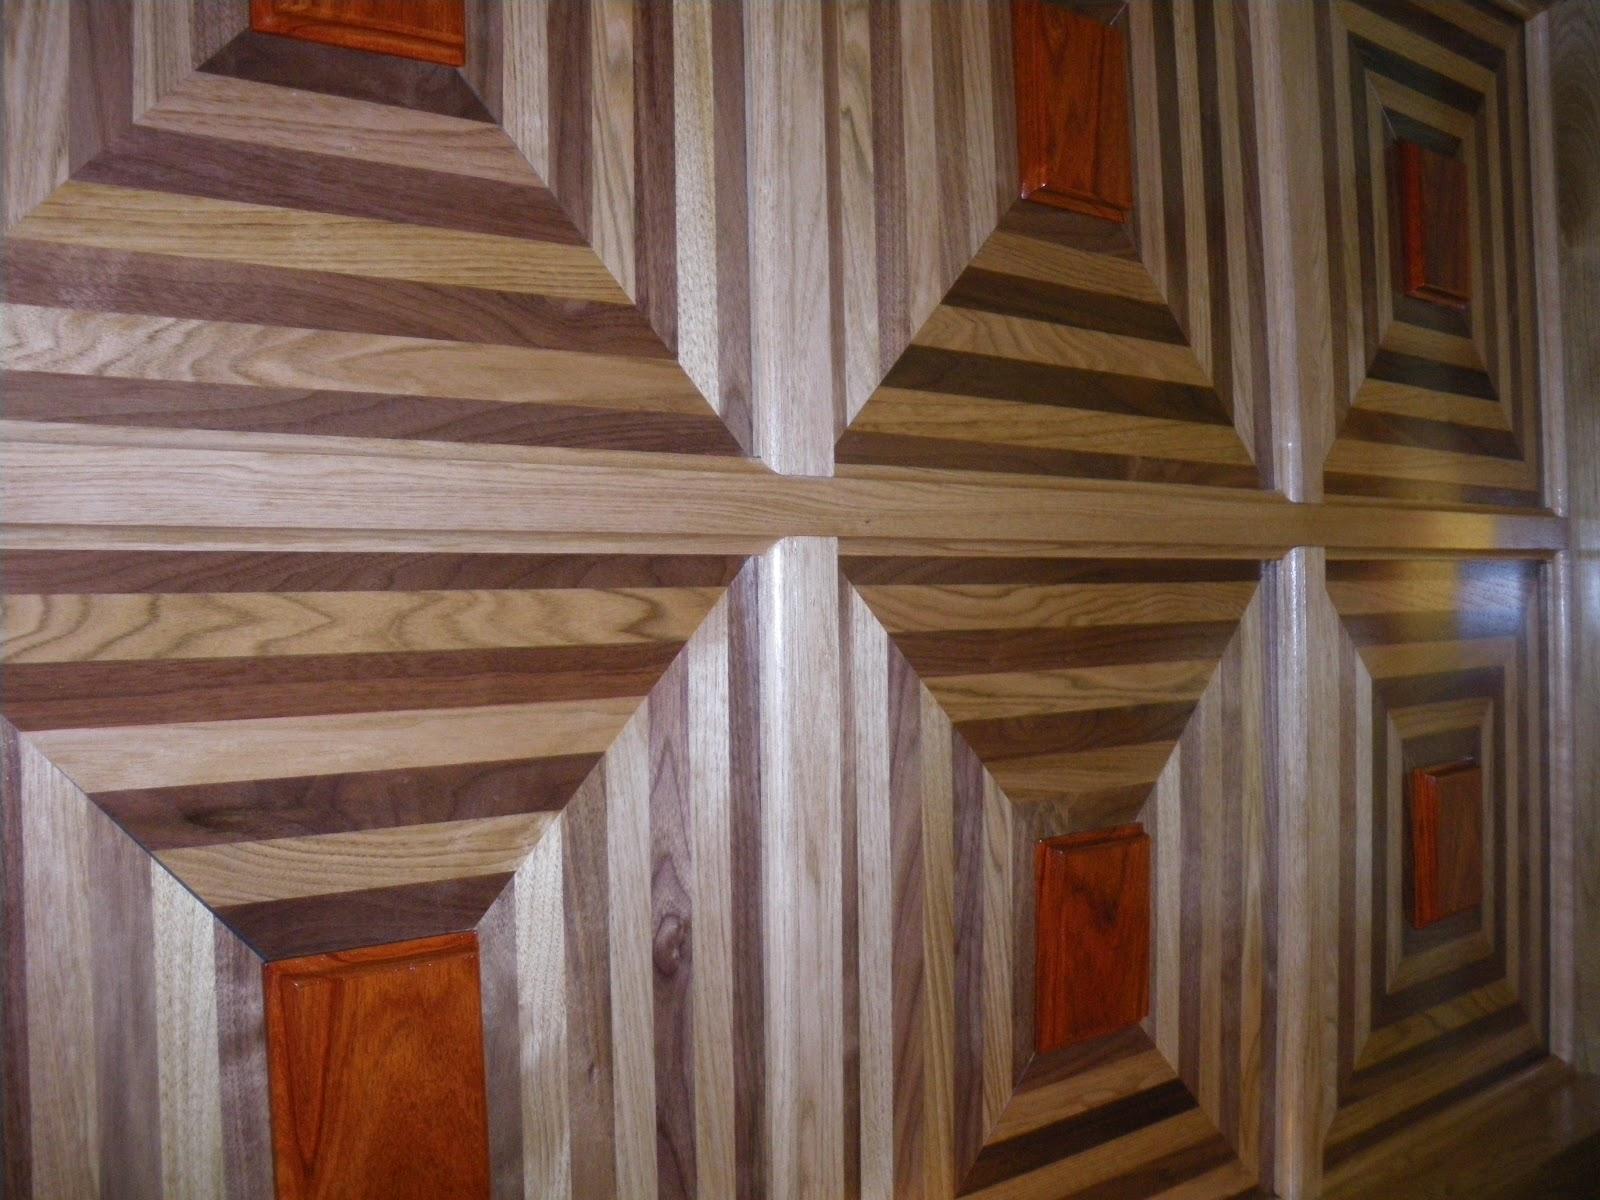 Menuiserie st m thode plafond supendu en bois for Modele plafond suspendu